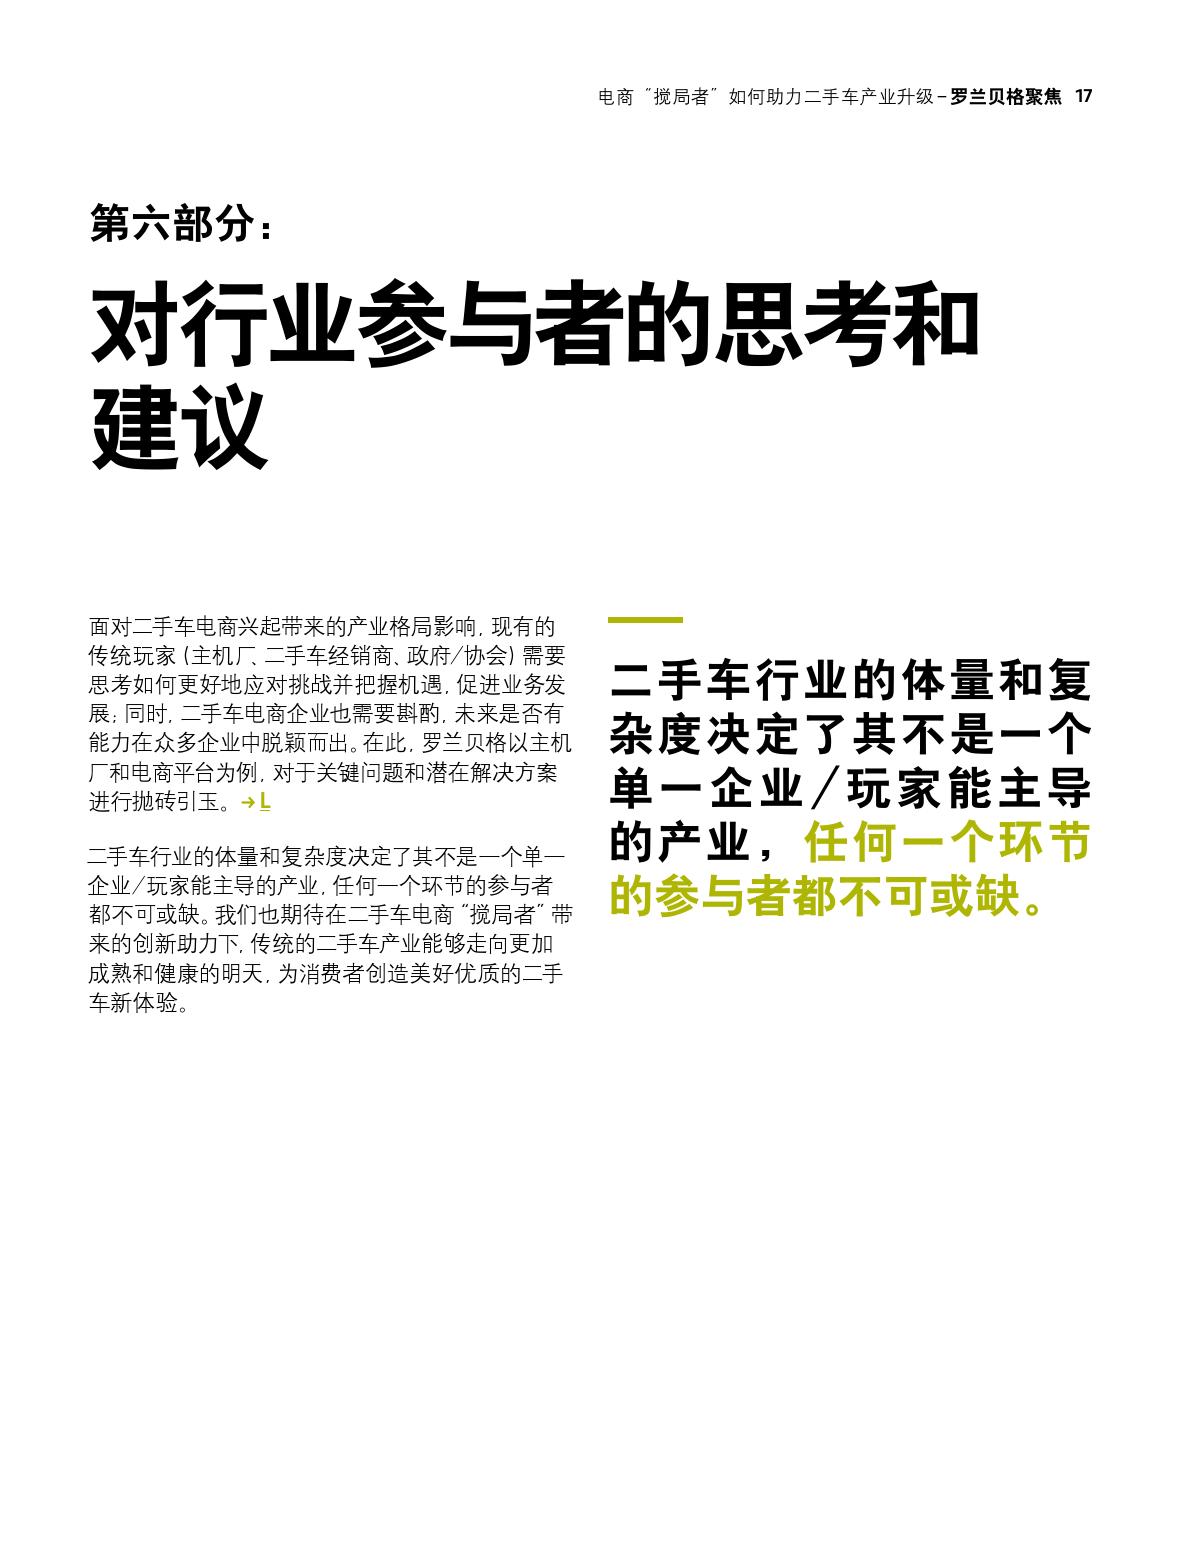 2017中国二手车电商行业报告-09大数据